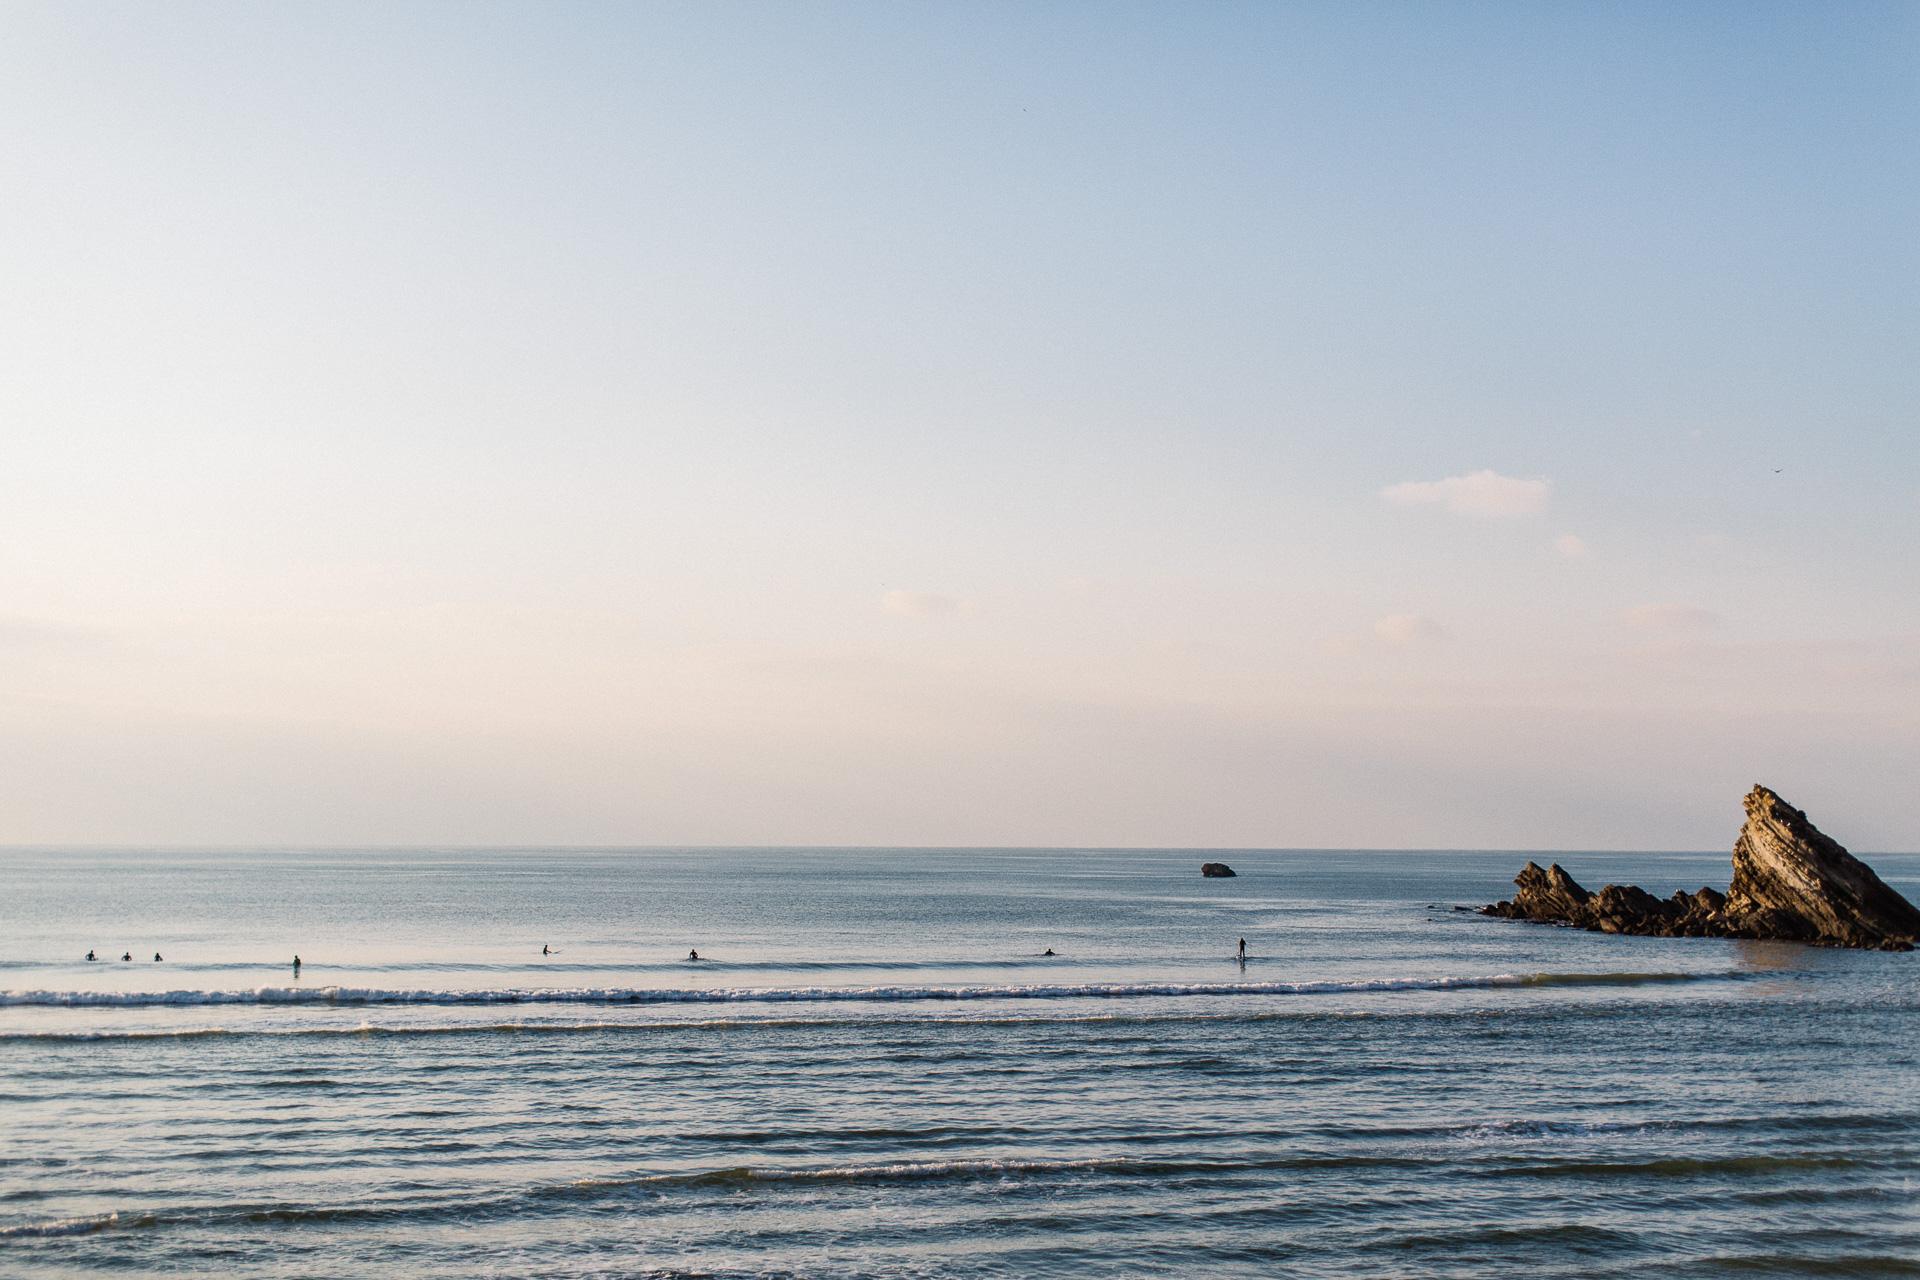 Damien-Dohmen-photographe-Ocean-45